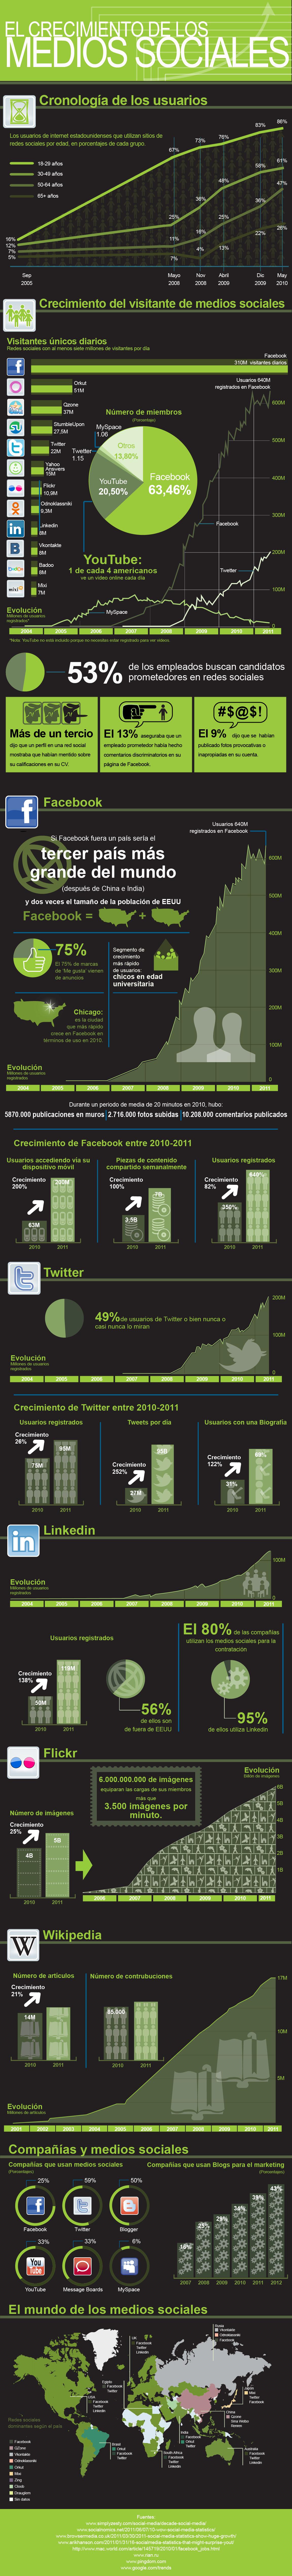 El crecimiento de los medios Sociales